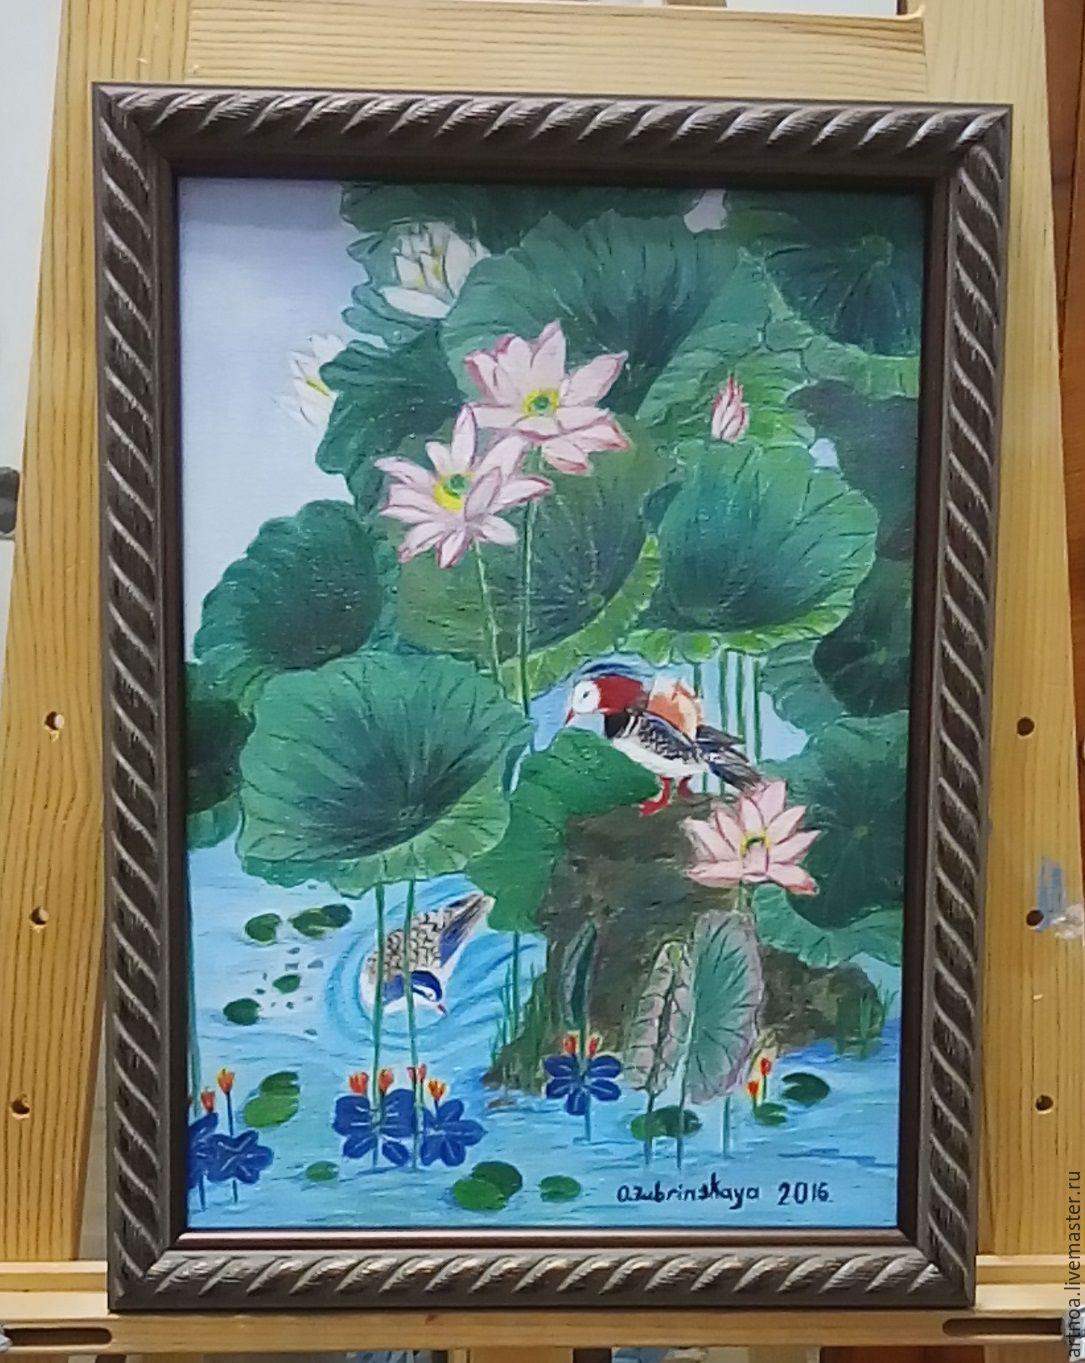 Картина `Лотос и мандаринки`,   выполненная акриловыми красками на холсте, на художественном картоне; покрытая акриловым лаком украсит любой интерьер, создаст атмосферу спокойствия и  безмятежности